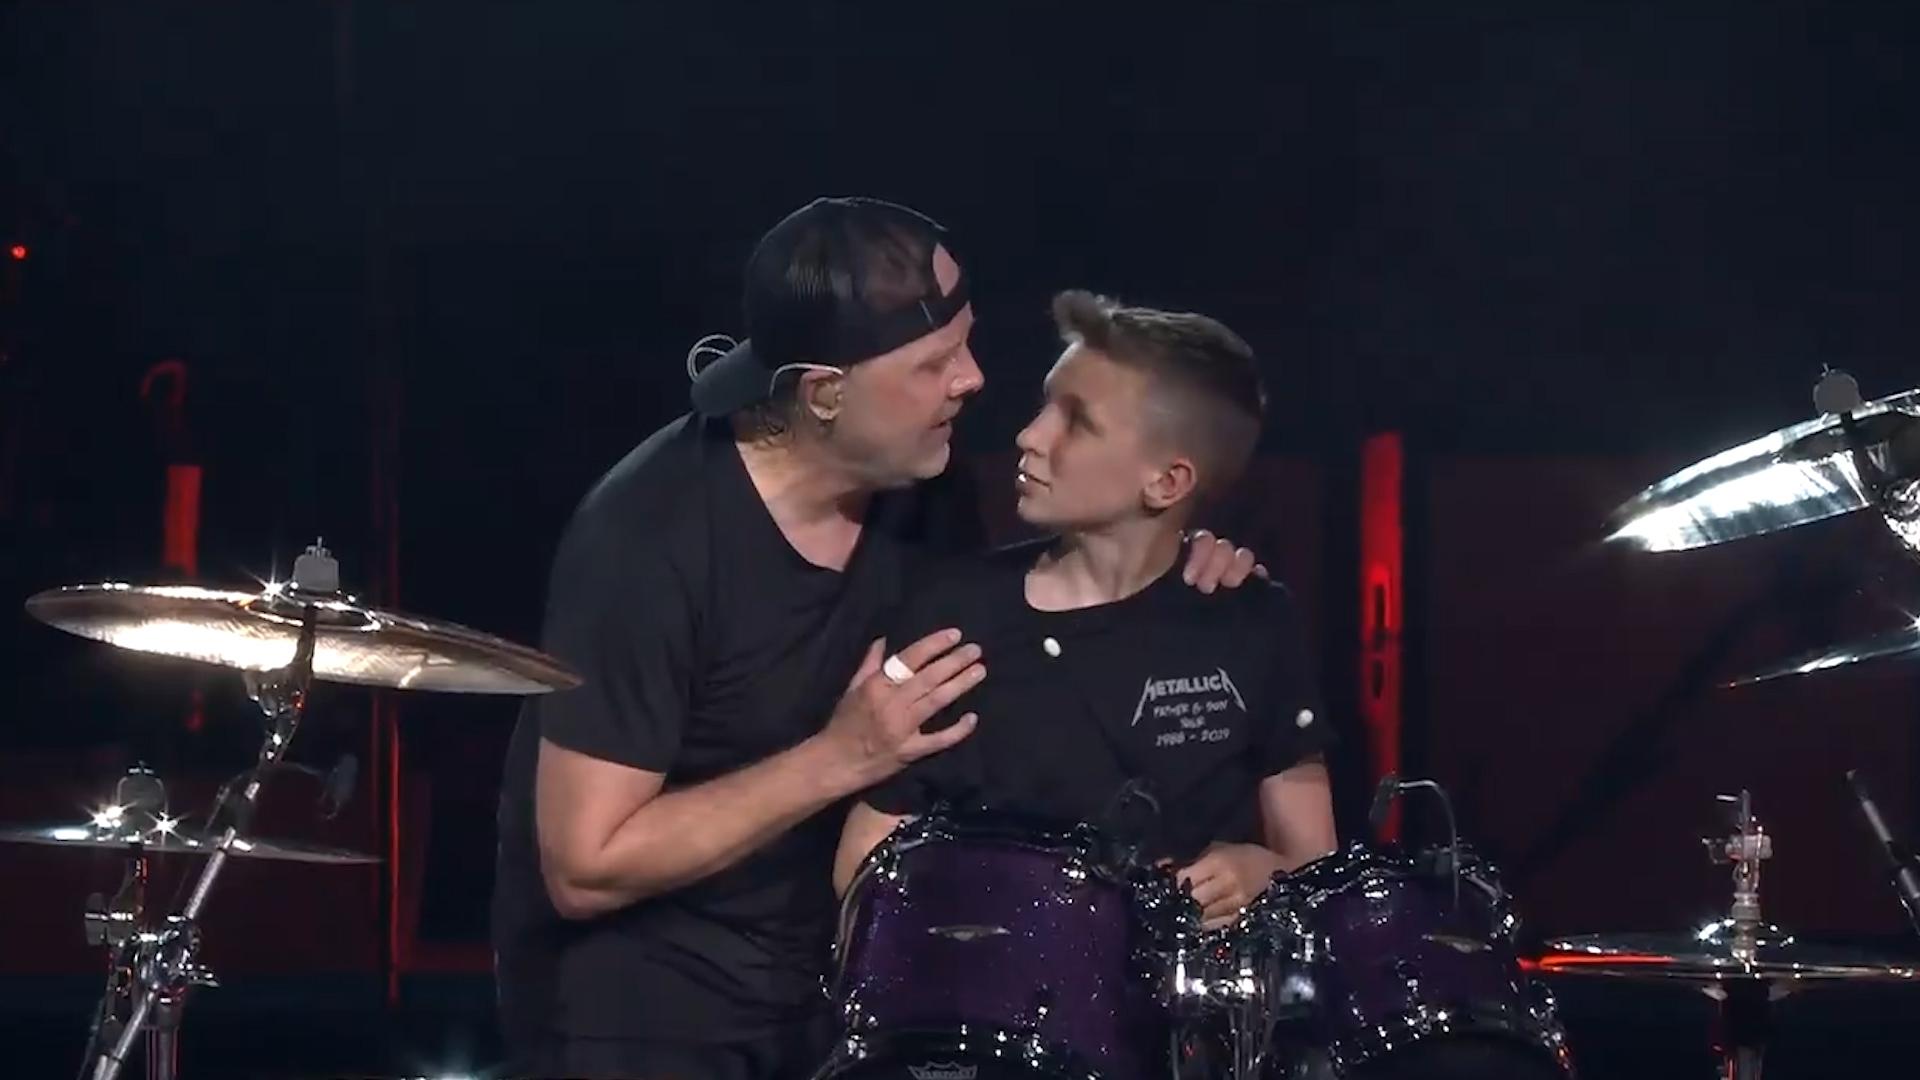 Metallica invita a un fan al escenario por ser su cumpleaños y él se 'roba' la batería de Lars